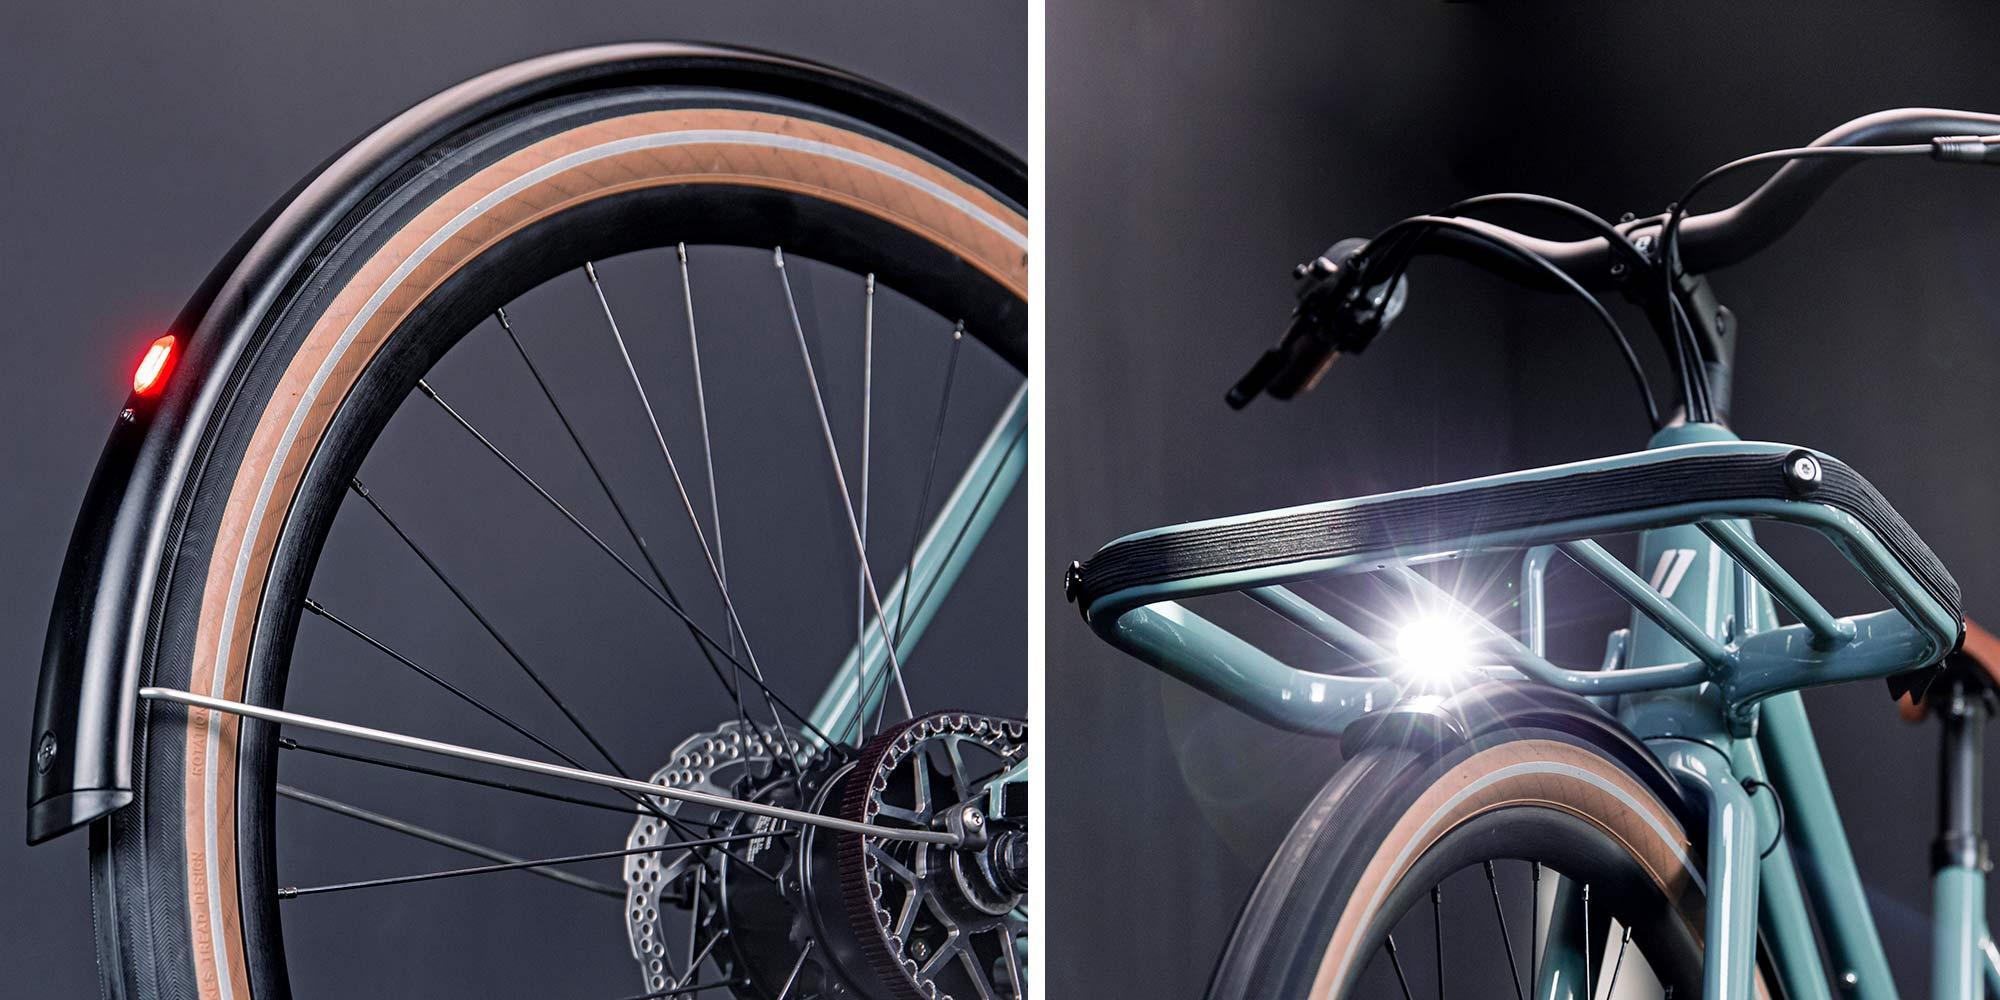 2021 Schindelhauer Emil Emilia porteur ebikemotion Pinion urban commuter city e-bikes,light details